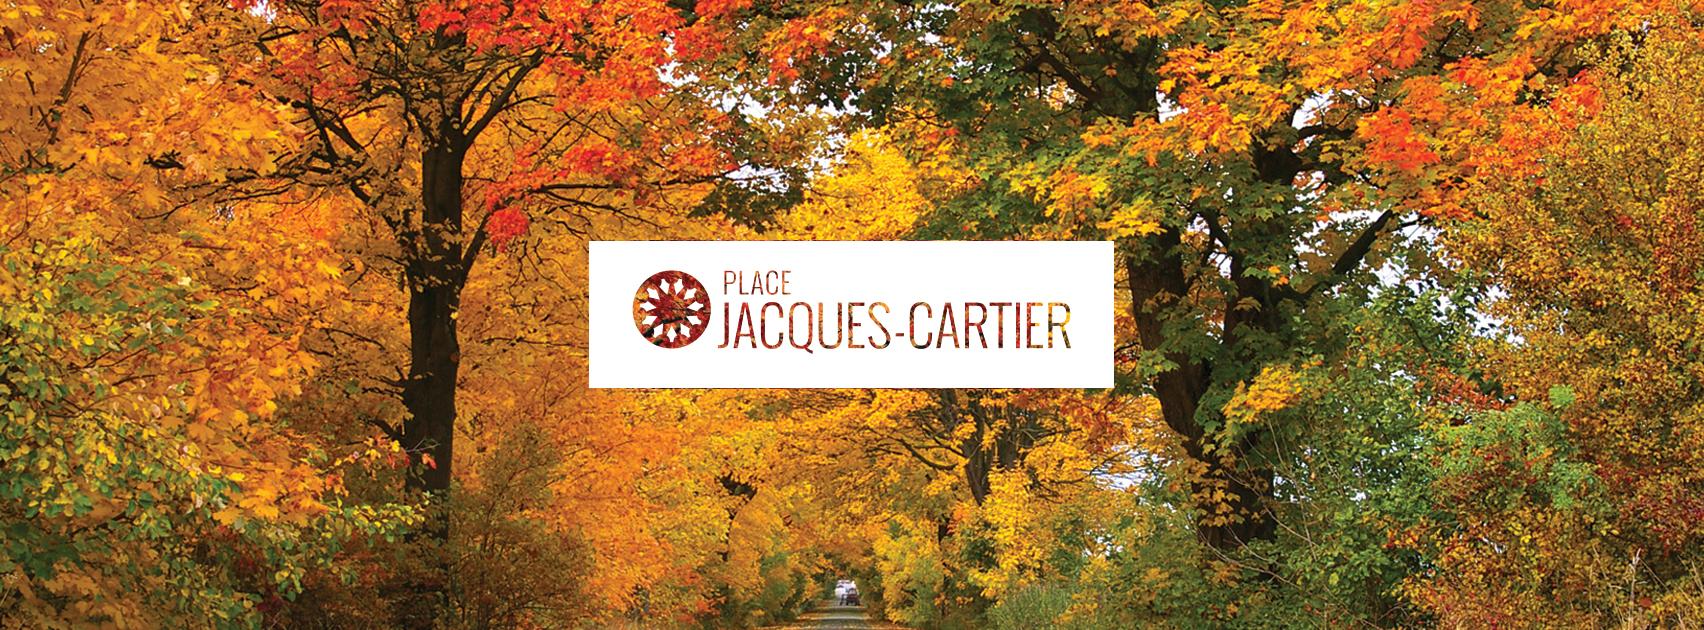 PlaceJacquesCartier_bandeauFacebook_automne